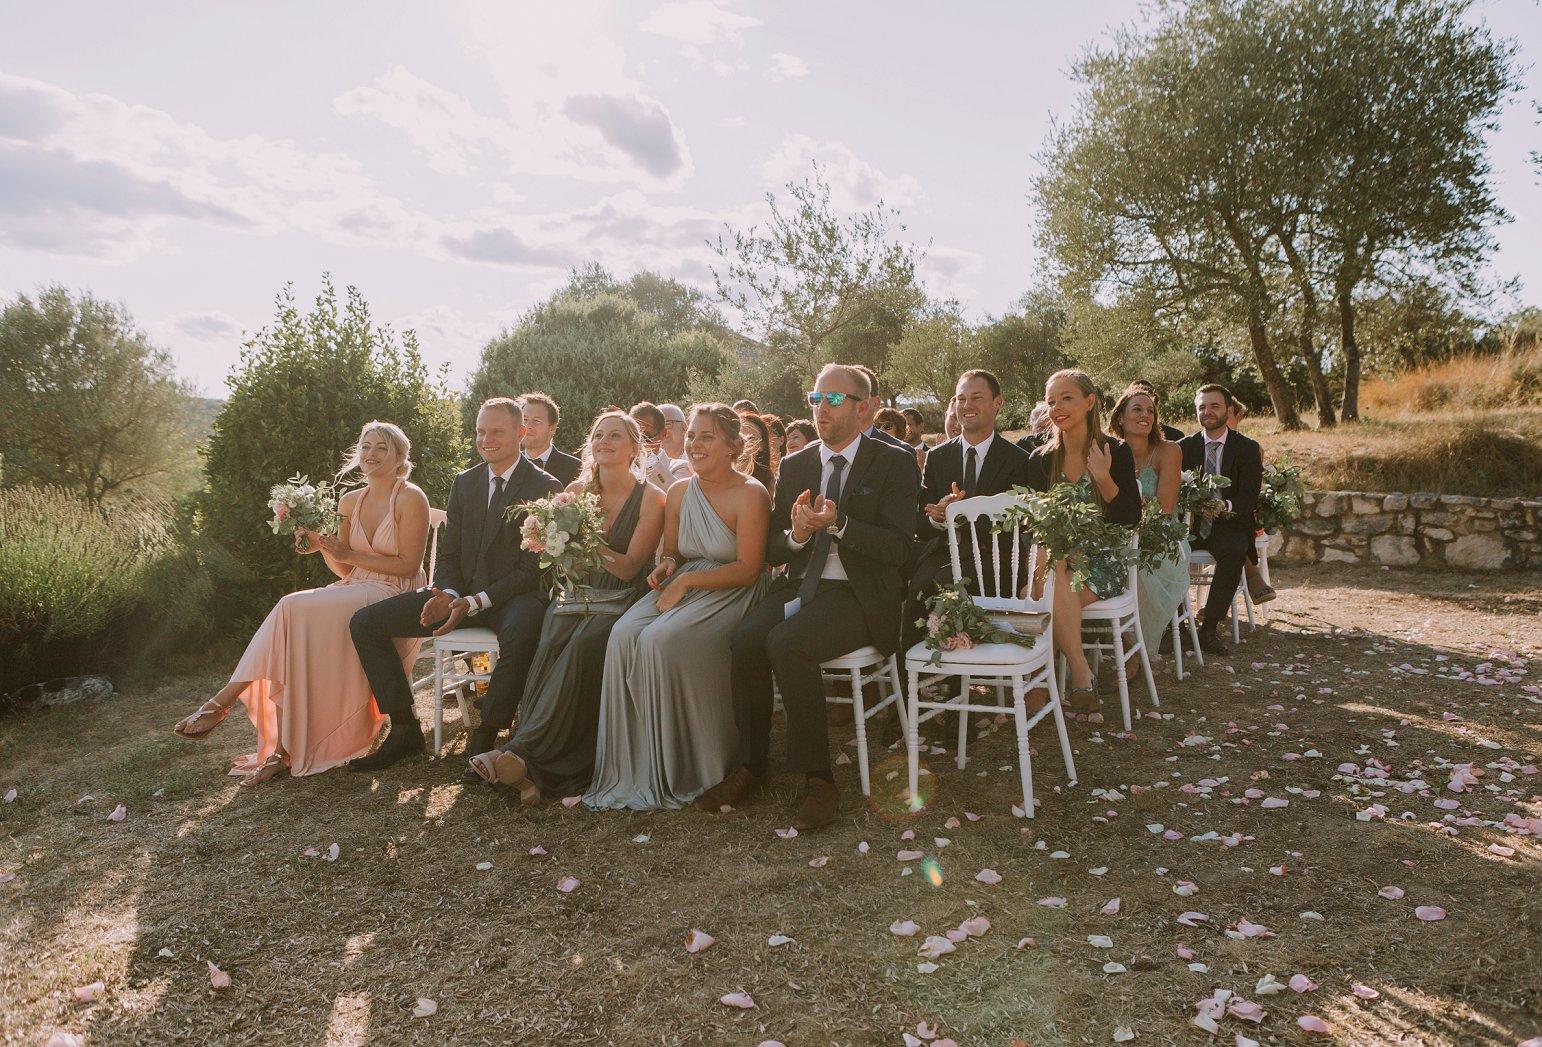 kateryna-photos-mariage-wedding-france-ardeche-domaine-clos-hullias-Saint-Christol-de-Rodière-gard-cevennes_0201.jpg